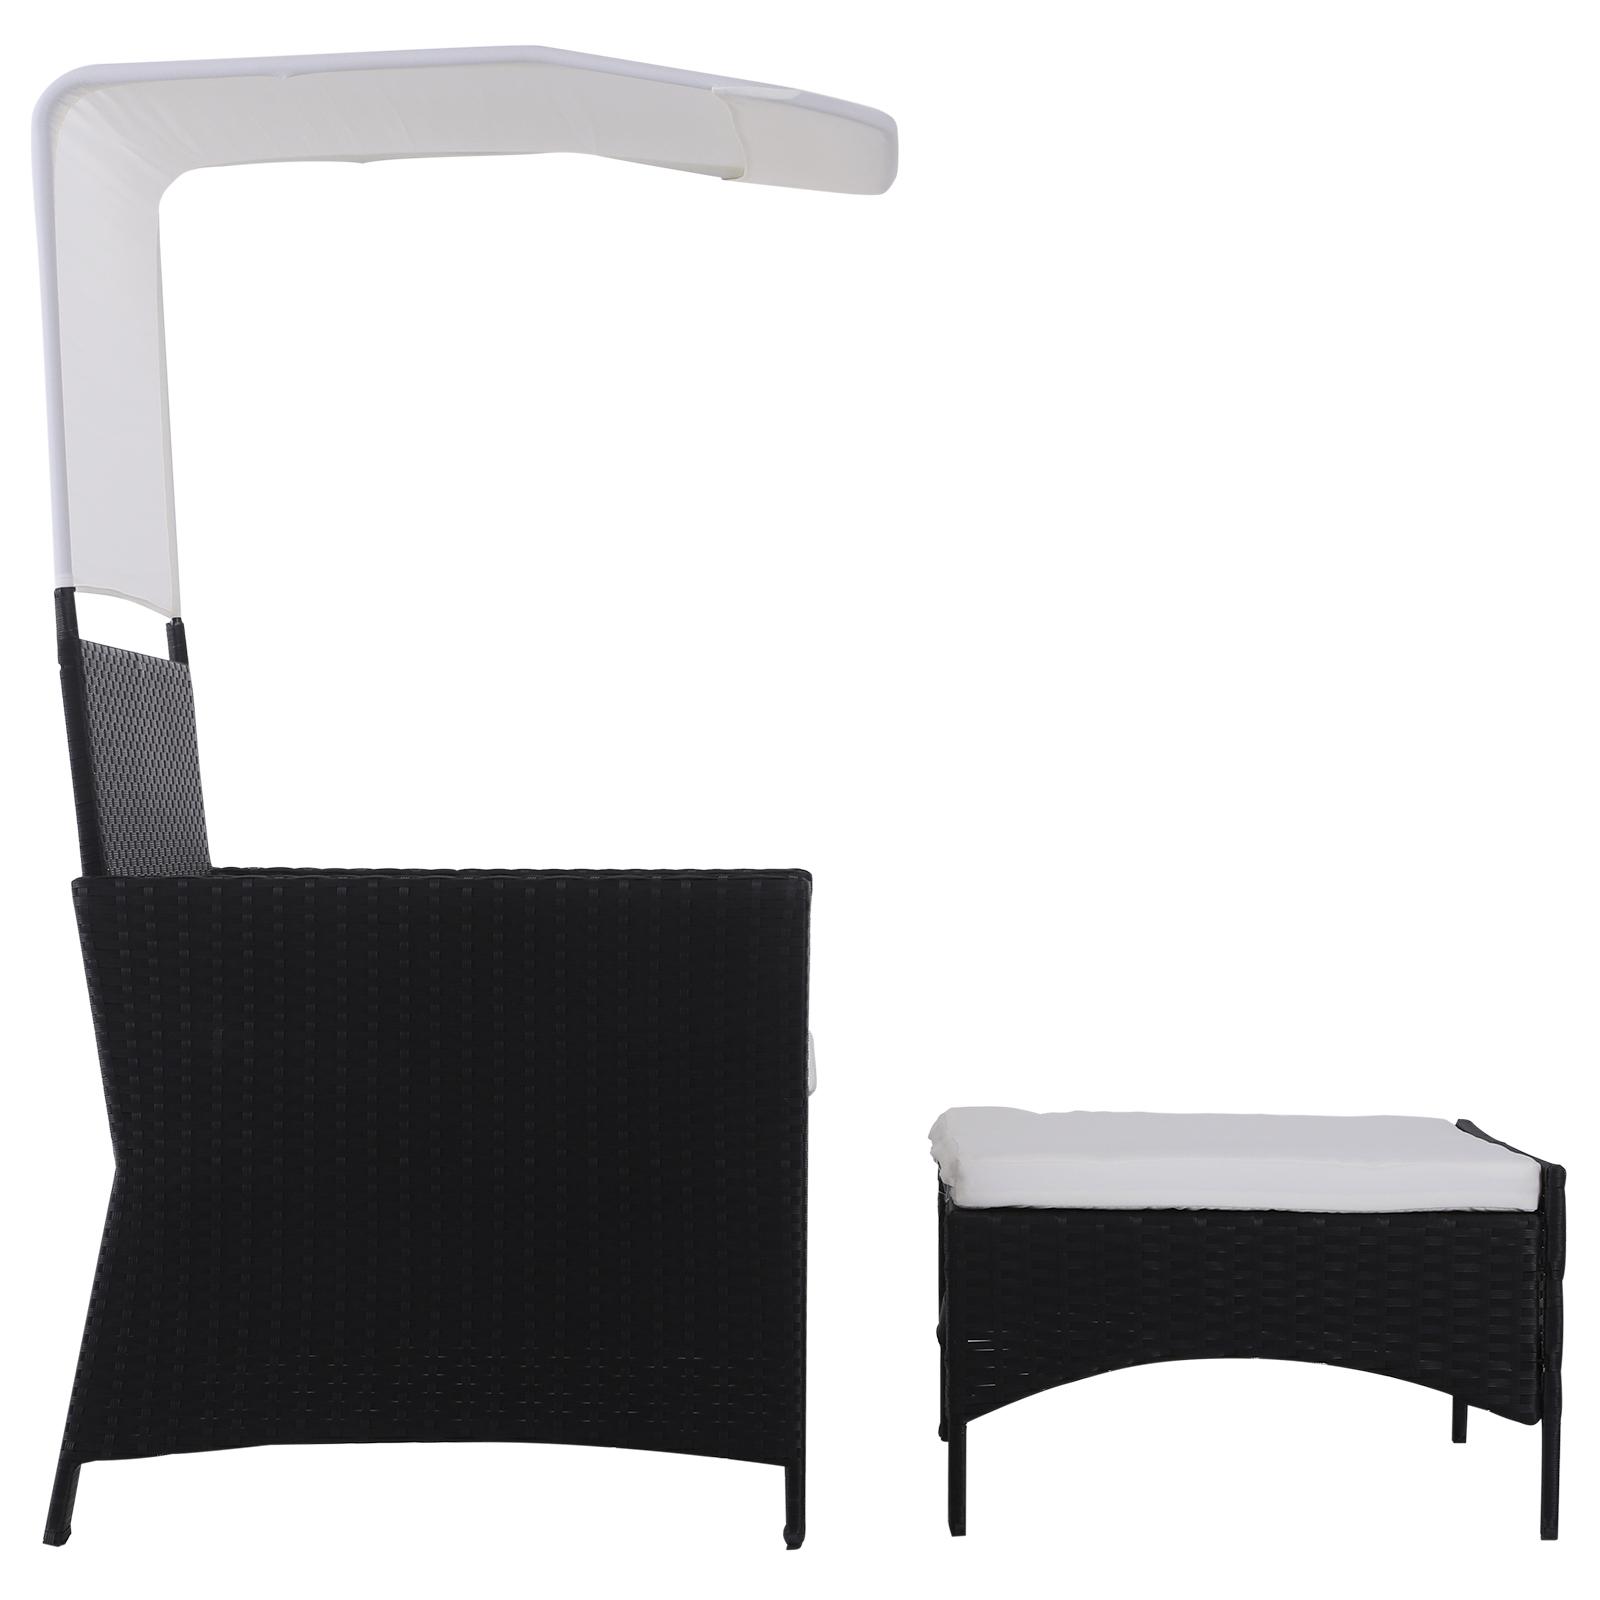 Sofa-de-Ratan-Dos-Plazas-Sillon-Mueble-Jardin-Terraza-con-Reposapies-Toldo-Cojin miniatura 22